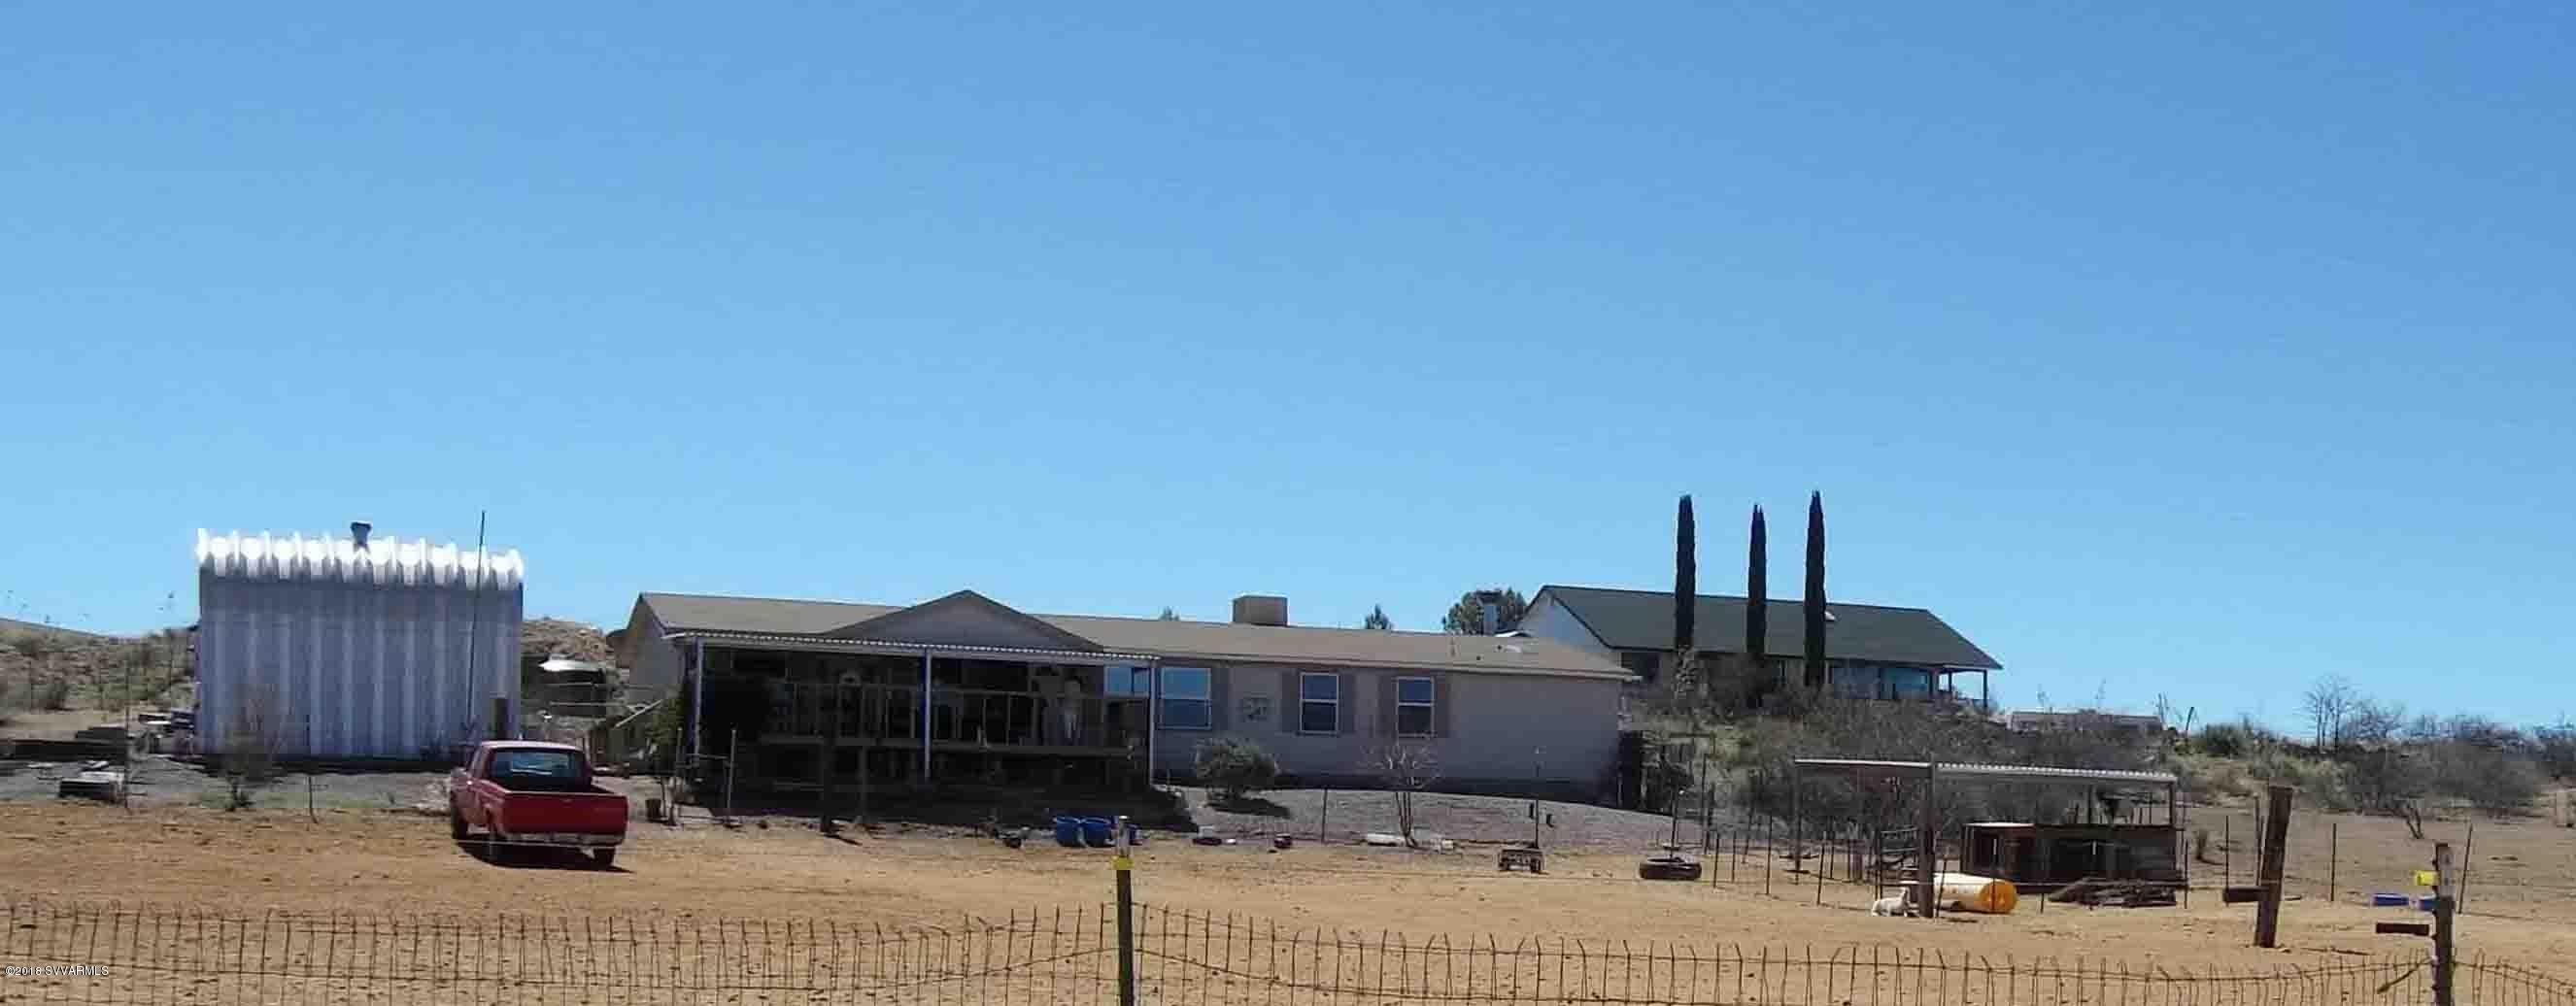 600 S Heathers Way Cornville, AZ 86325